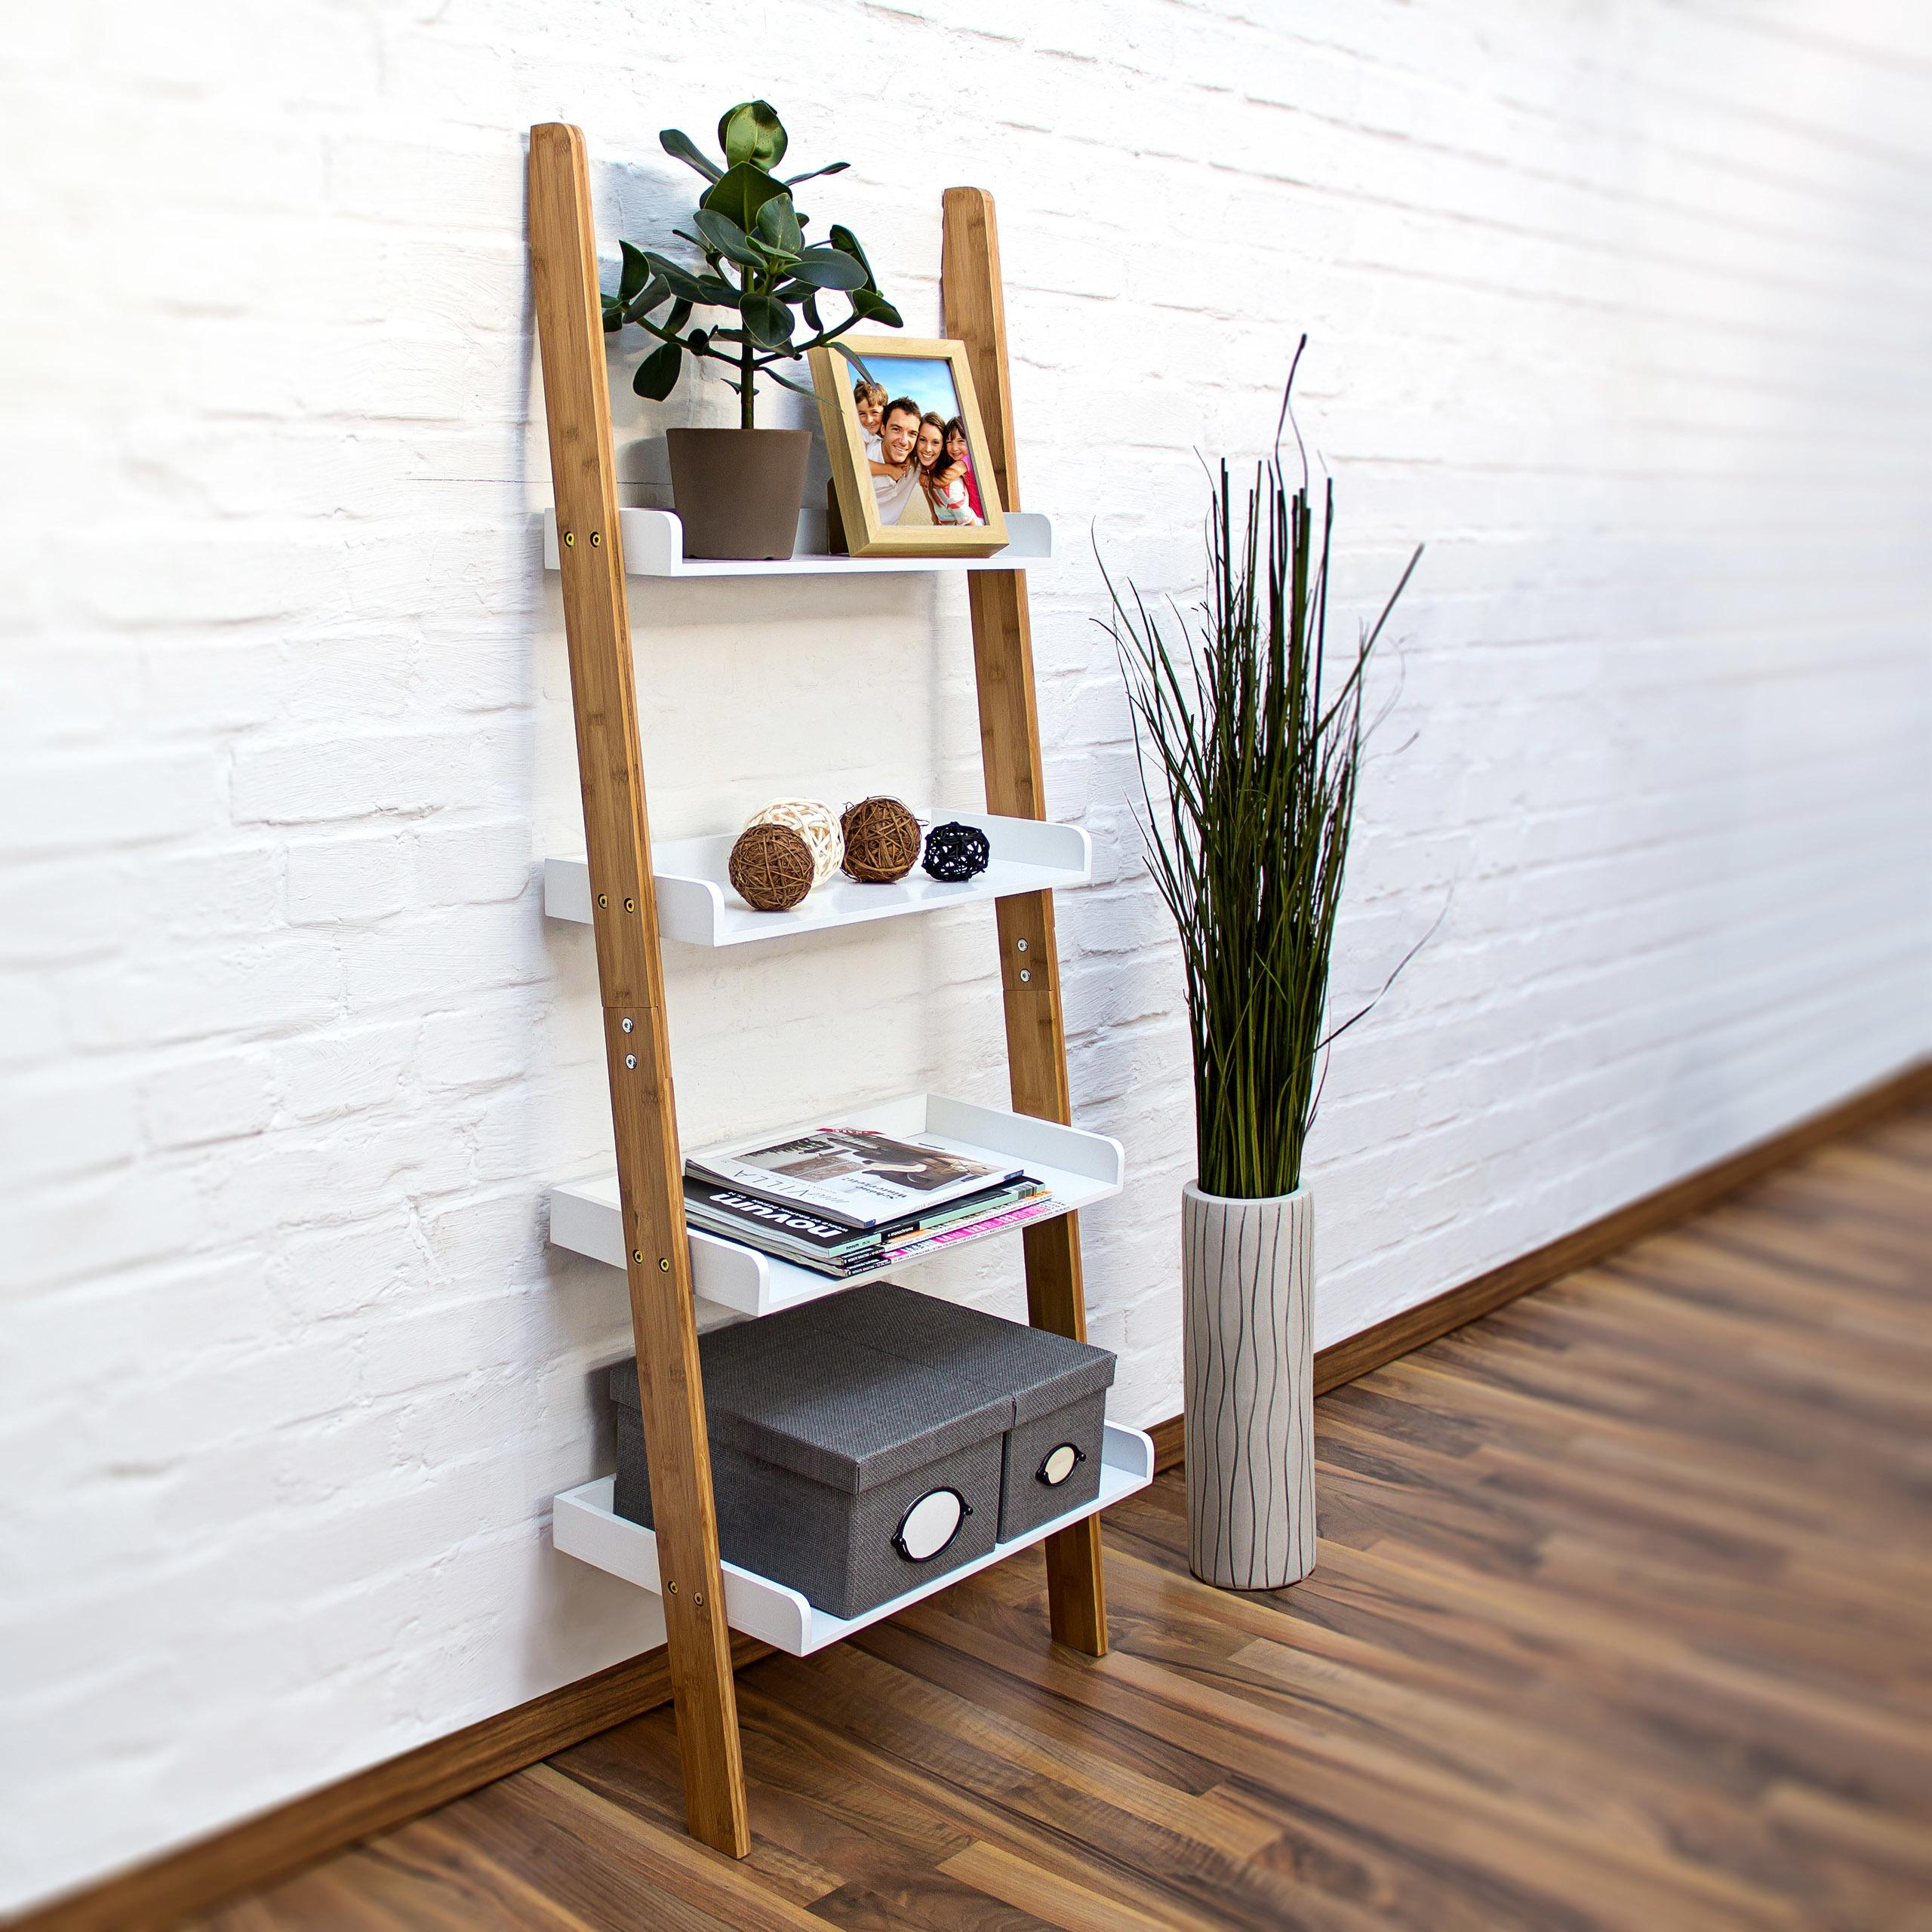 Rebríkový stojan na police Bamboo, rd9170